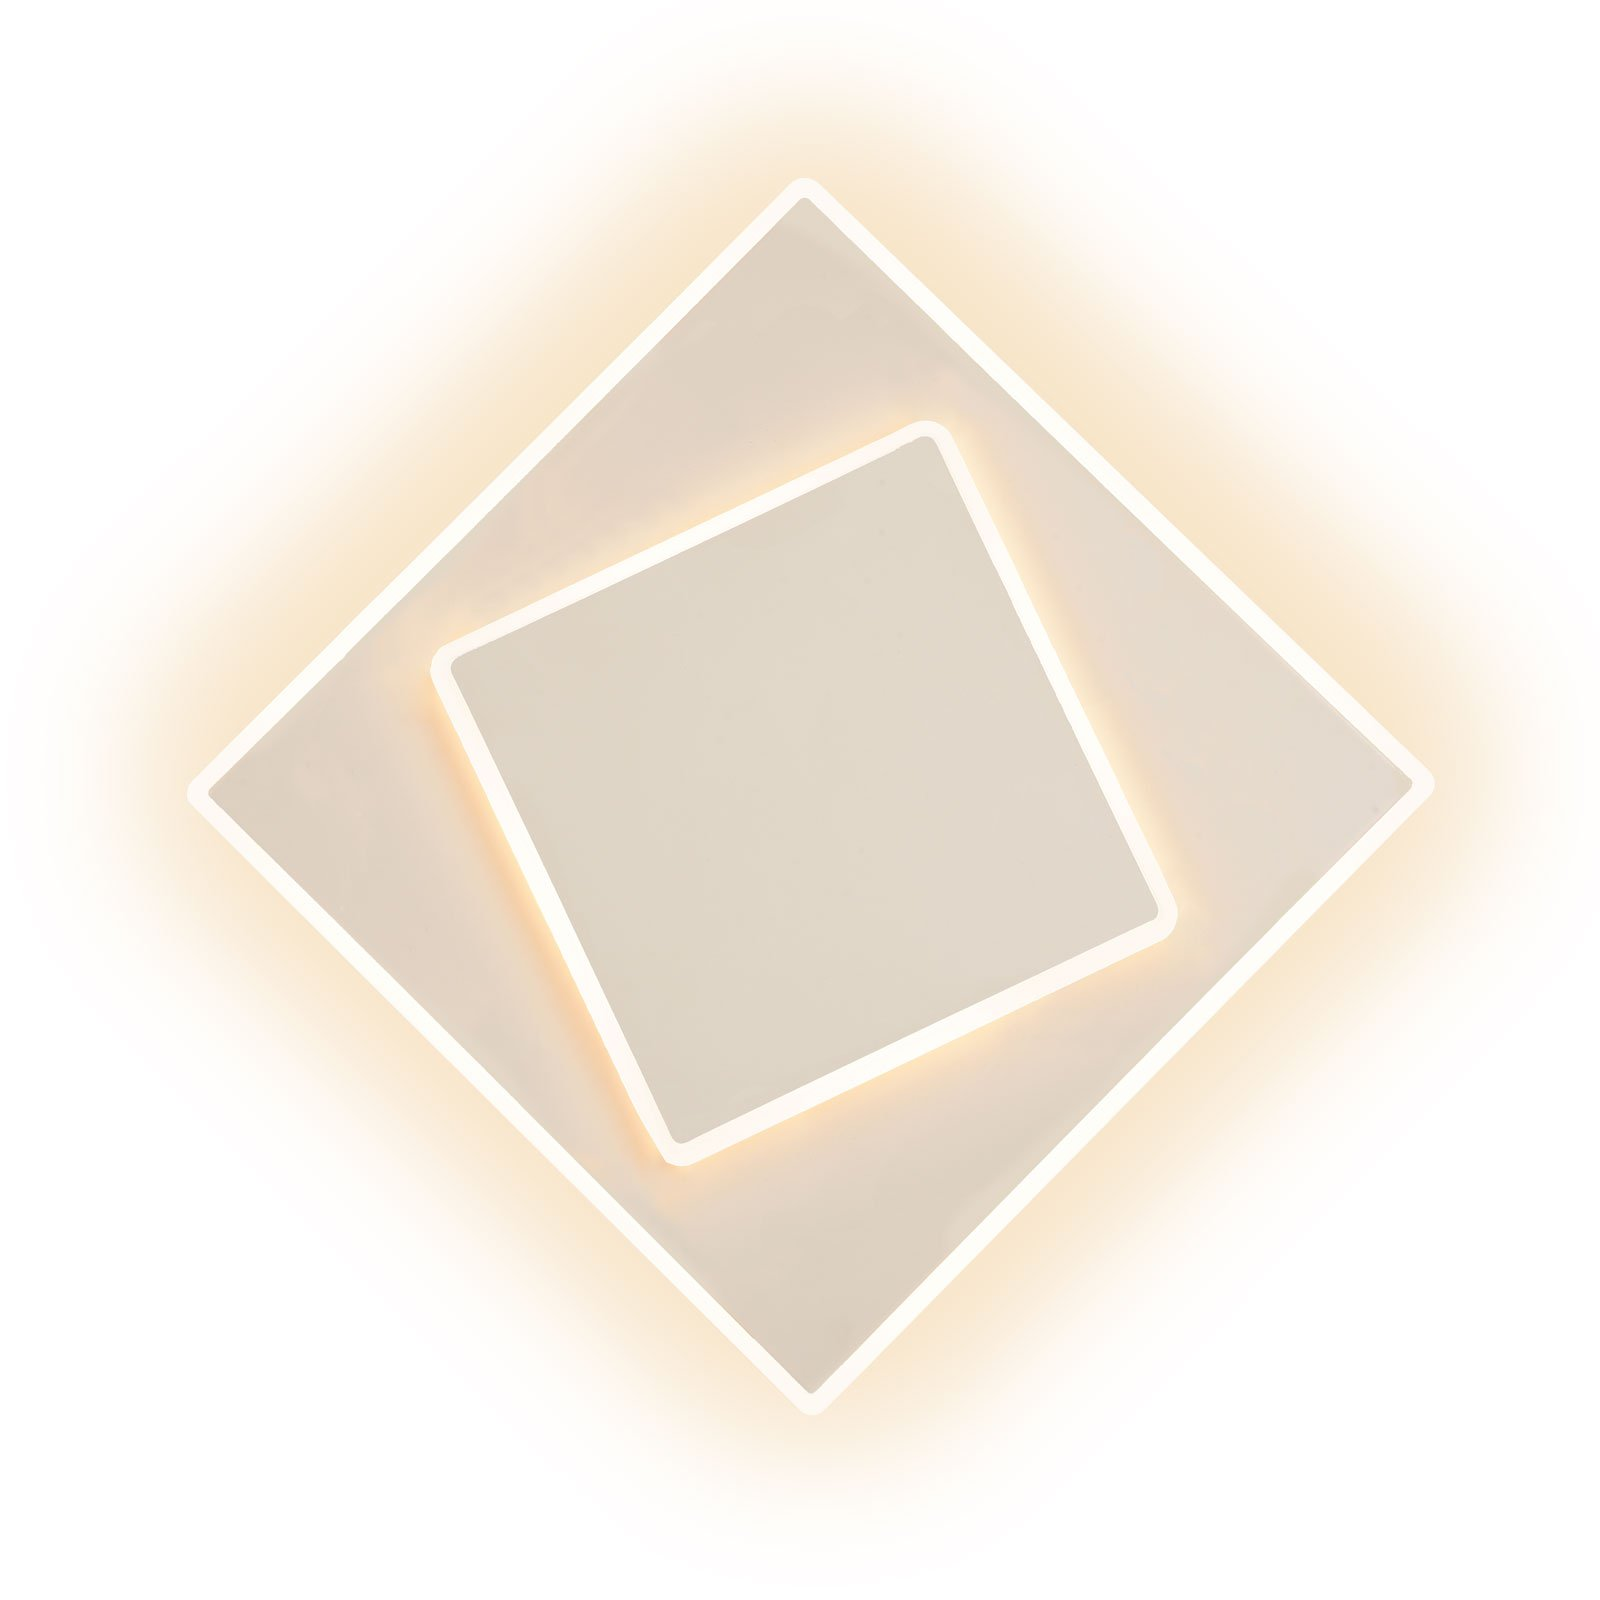 Dakla LED-vegglampe, hvit, 18x18 cm